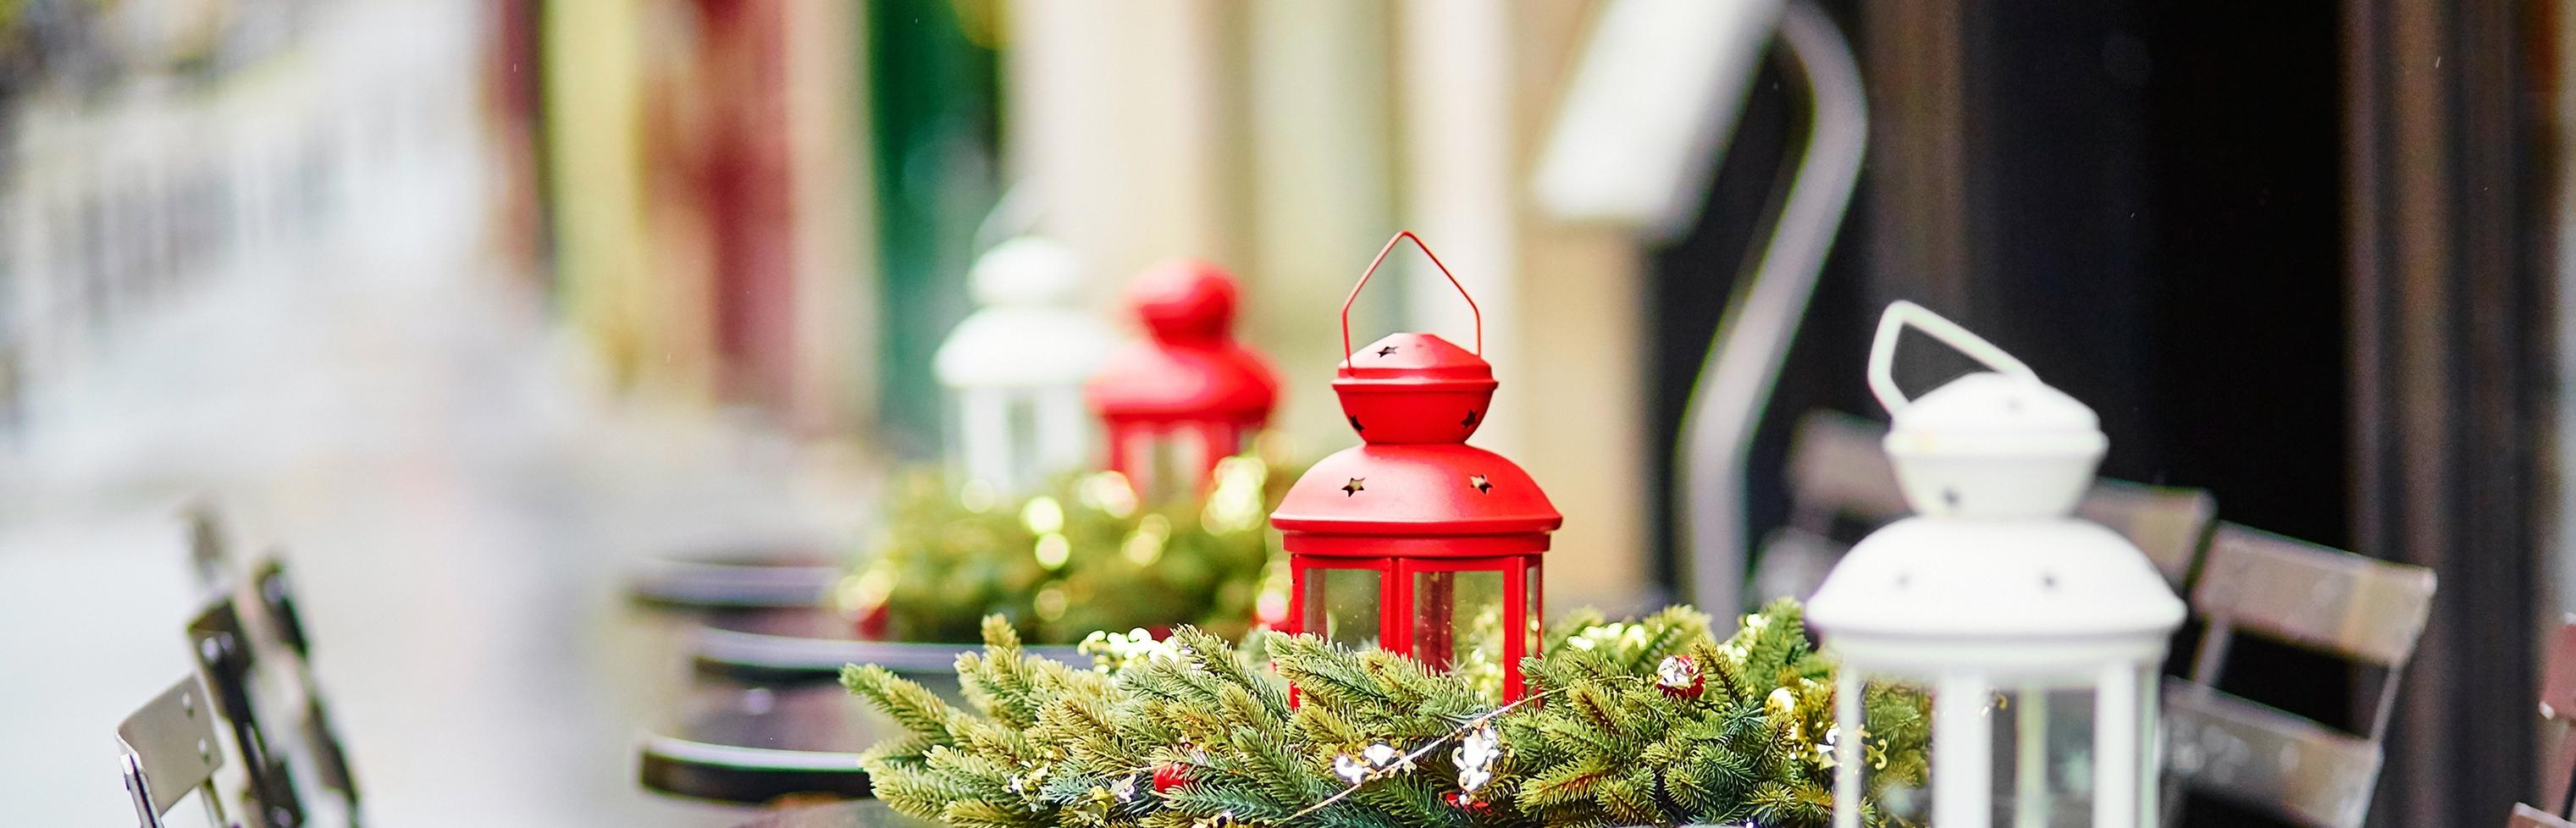 christmas_cafe_23740193556_16